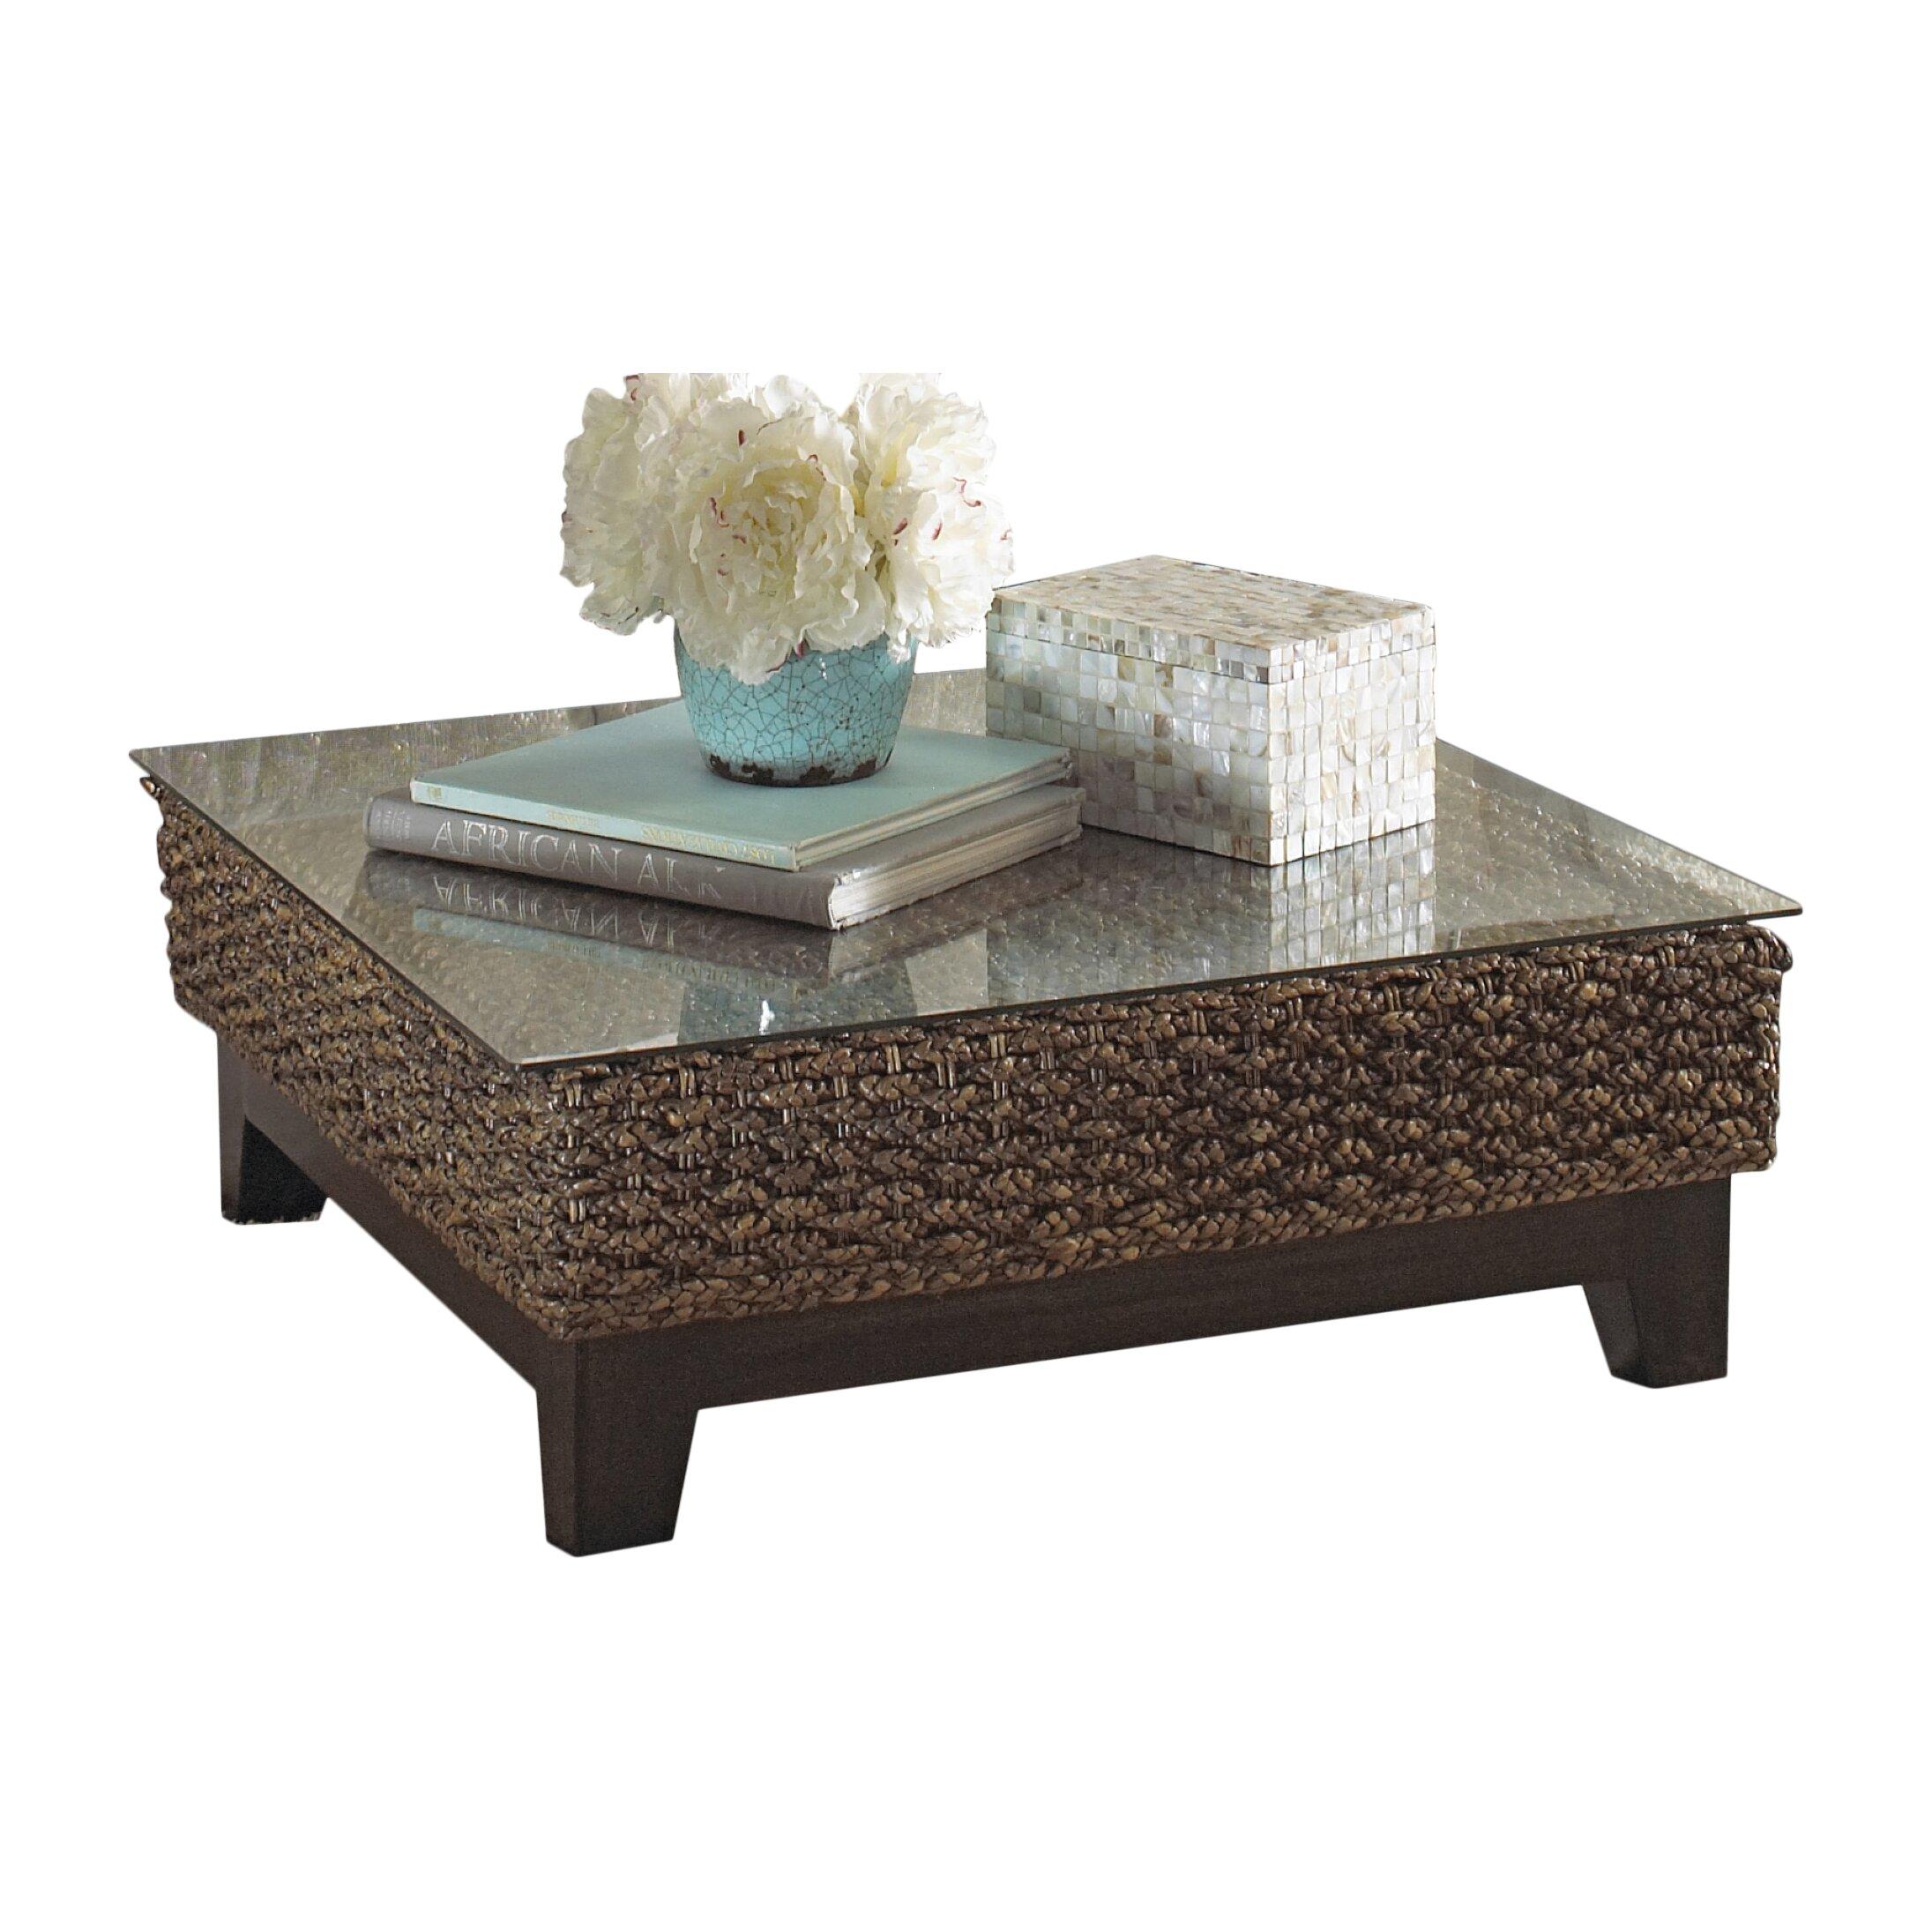 panama jack sunroom sanibel coffee table reviews wayfair. Black Bedroom Furniture Sets. Home Design Ideas